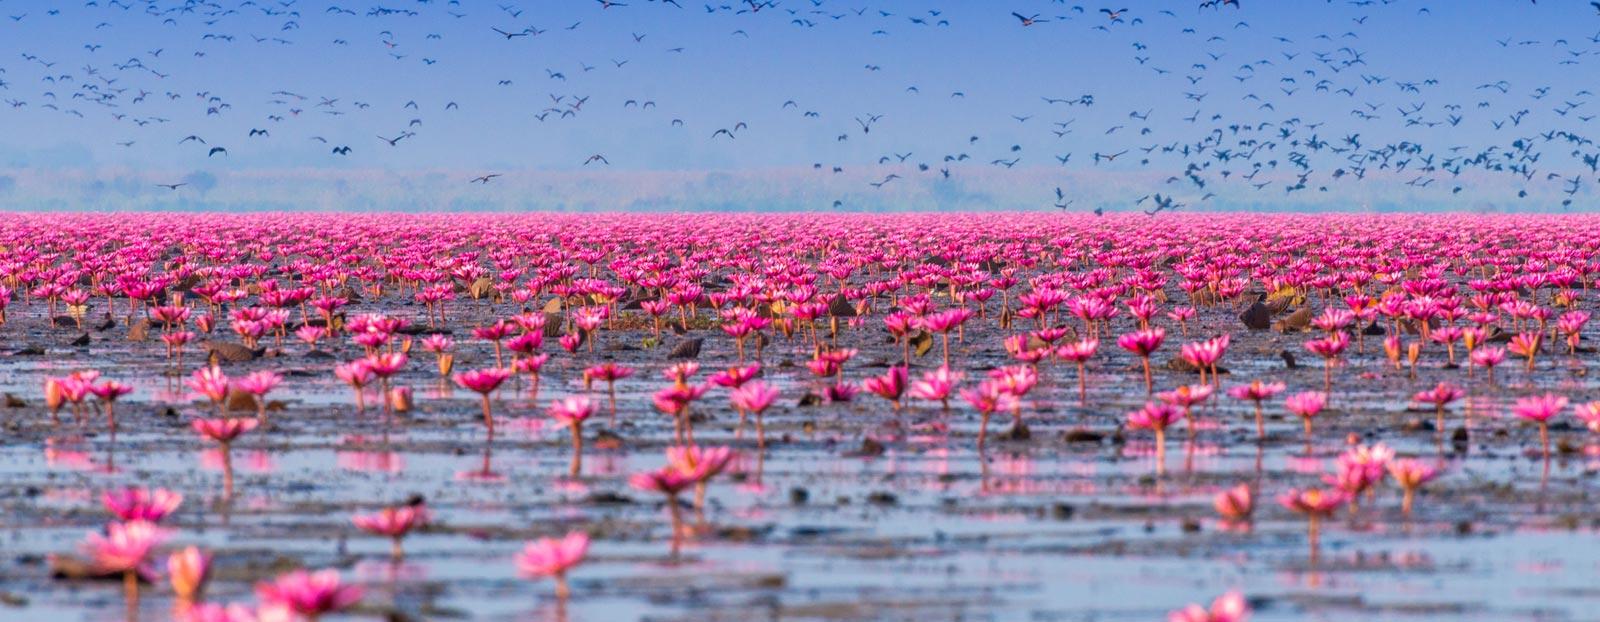 在自然栖息地生长着的莲花